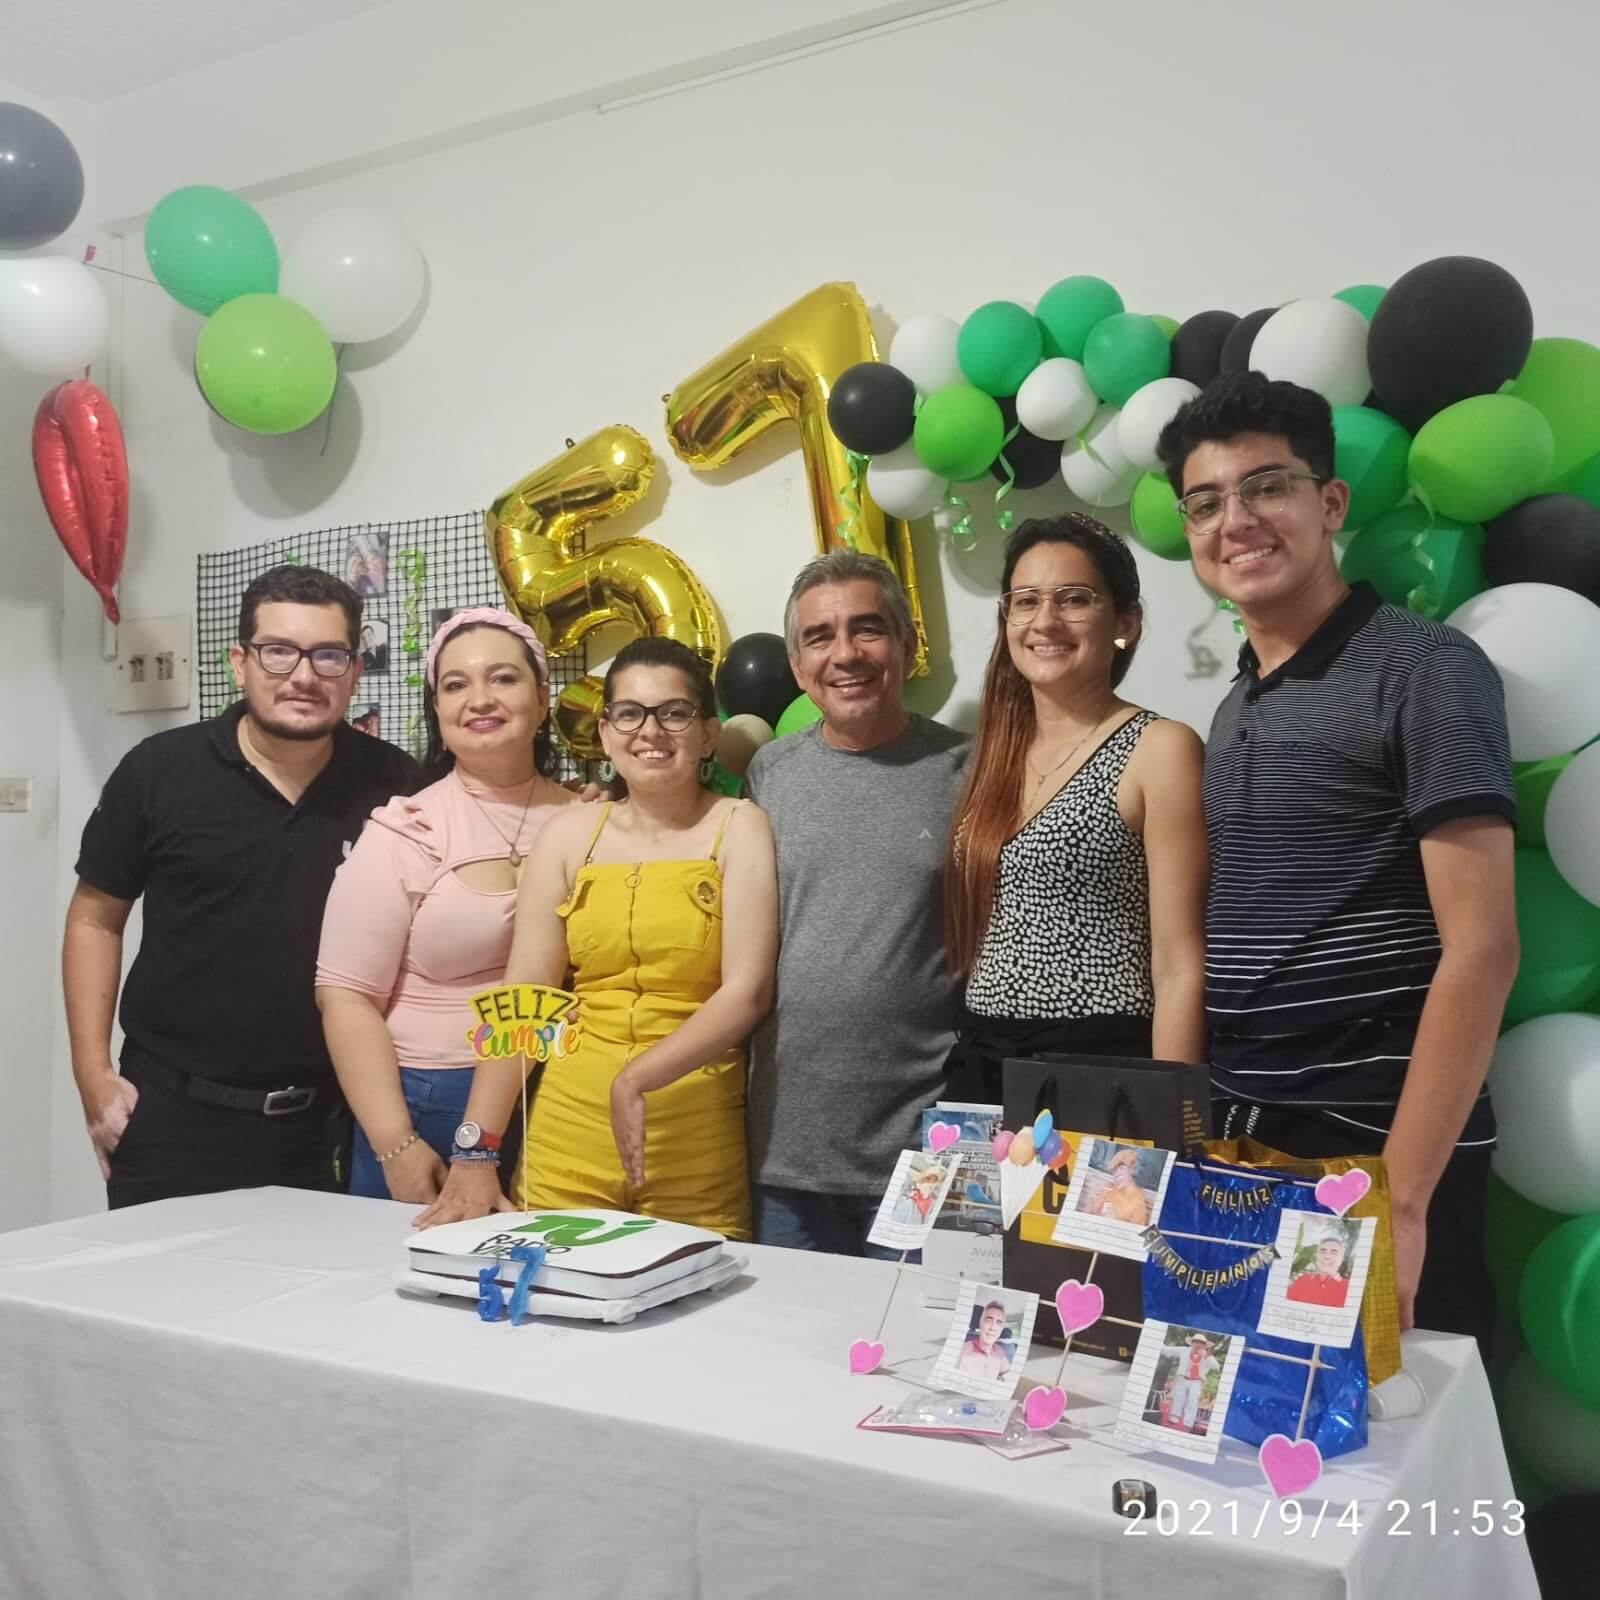 Celebración de Jairo Bobadilla Carvajal